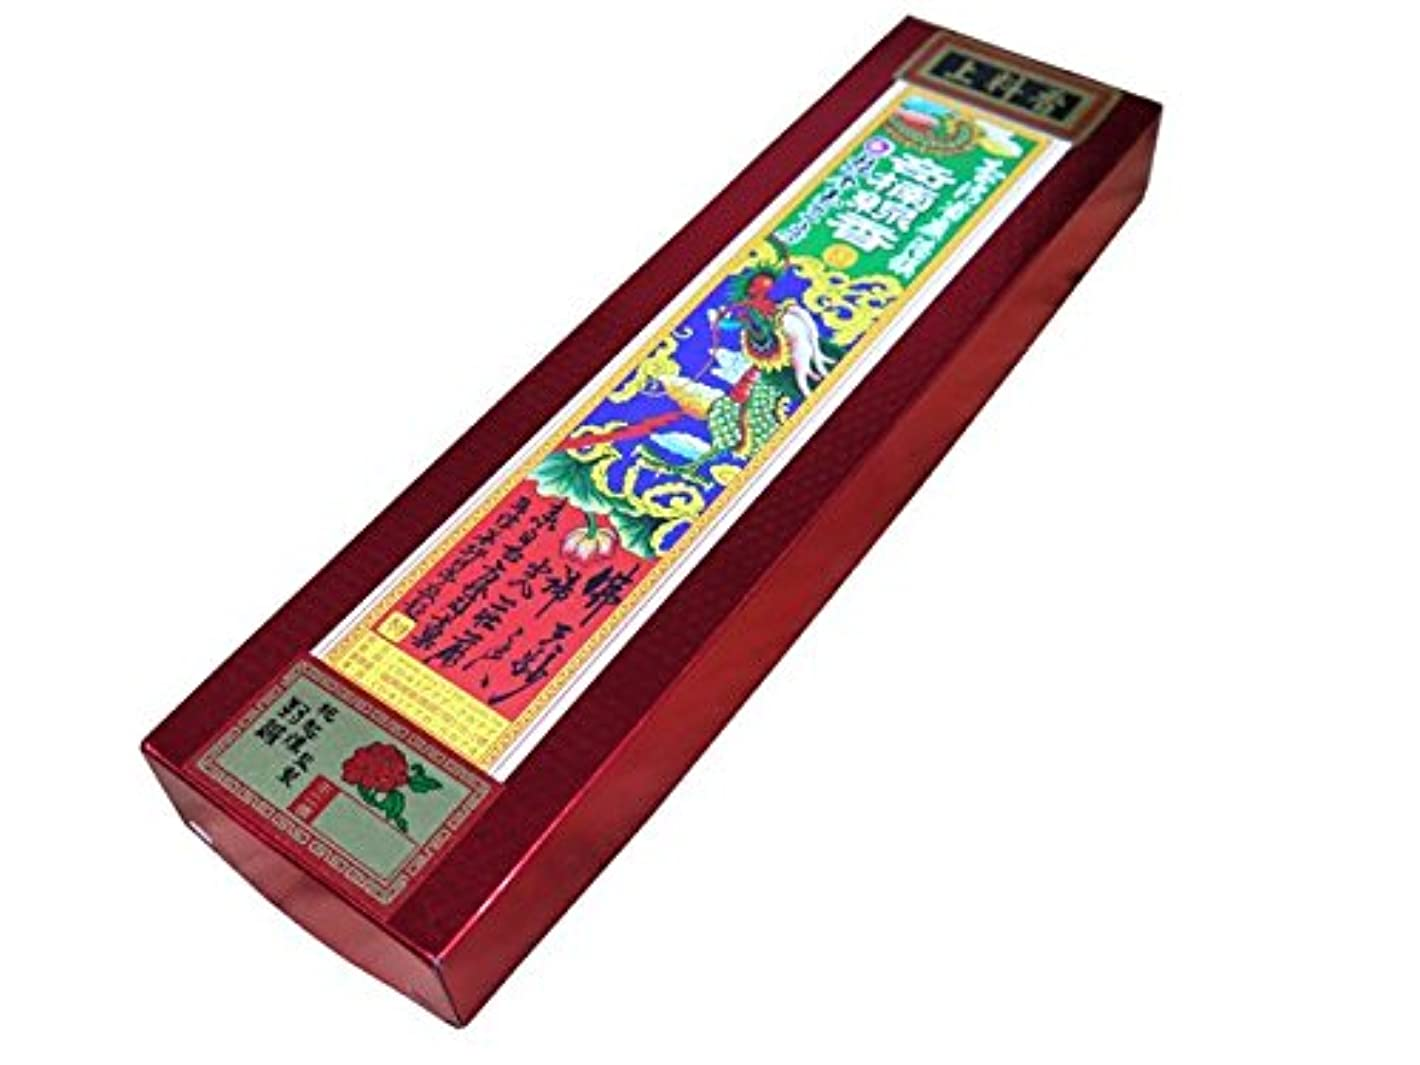 データ仮装手つかずの施金玉三房 創業1756年台湾鹿港のお香店「施金玉三房」のスティック 奇楠バラ売り10本箱無しOPP袋入り(奇楠とは伽羅の異称です)